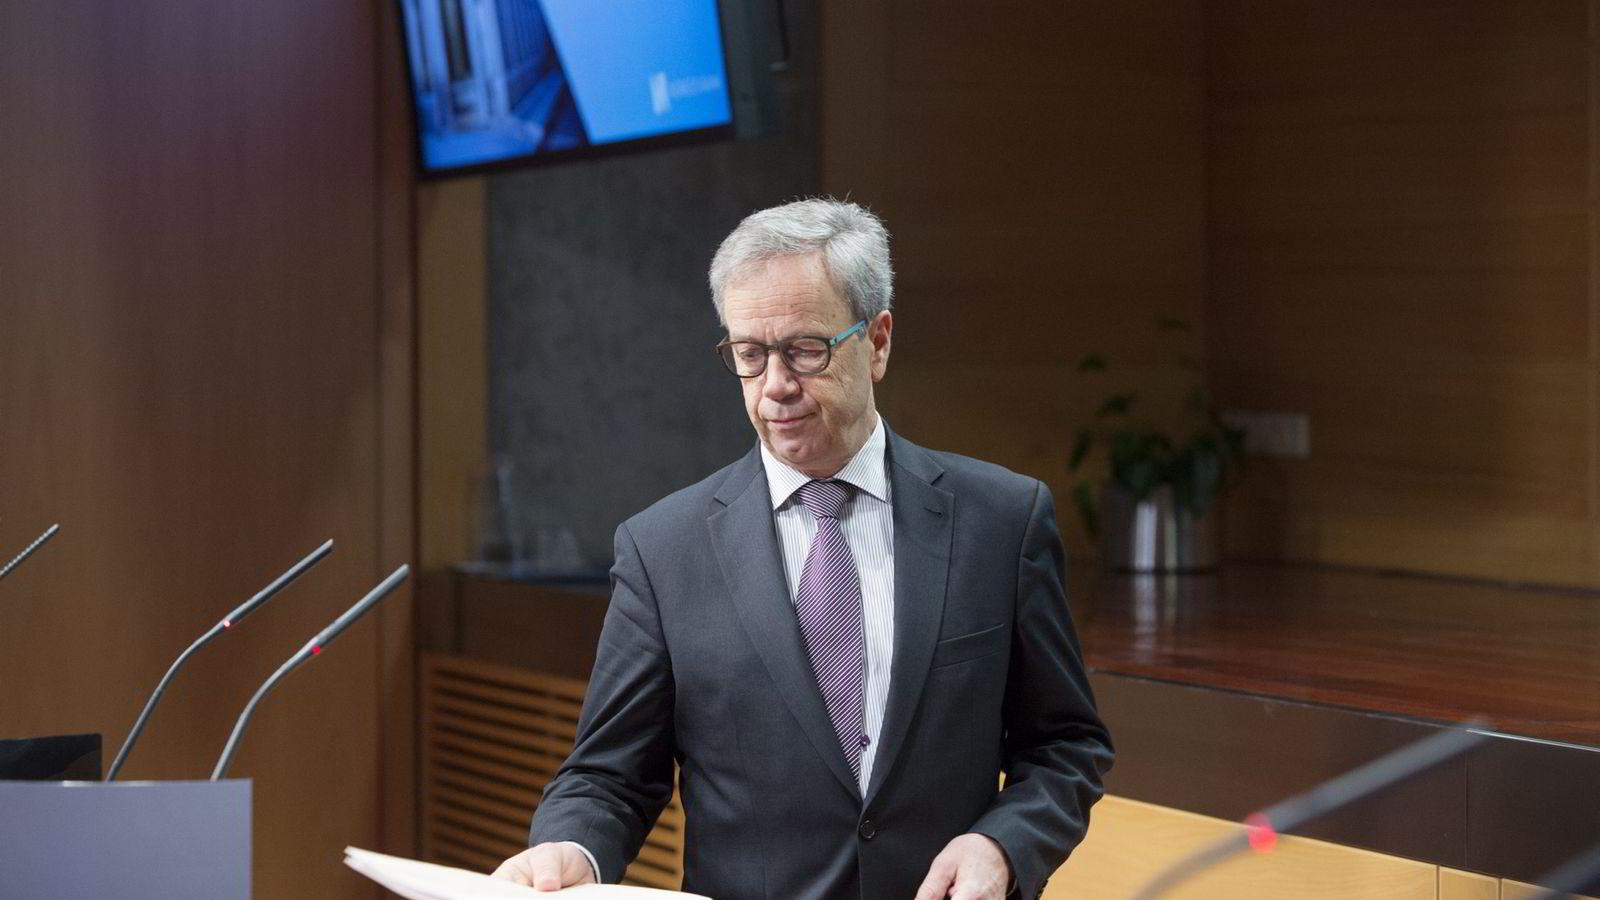 VIKTIG MØTE. Sentralbanksjef Øystein Olsen presenterer rentebeslutning og pengepolitisk rapport torsdag. Foto: